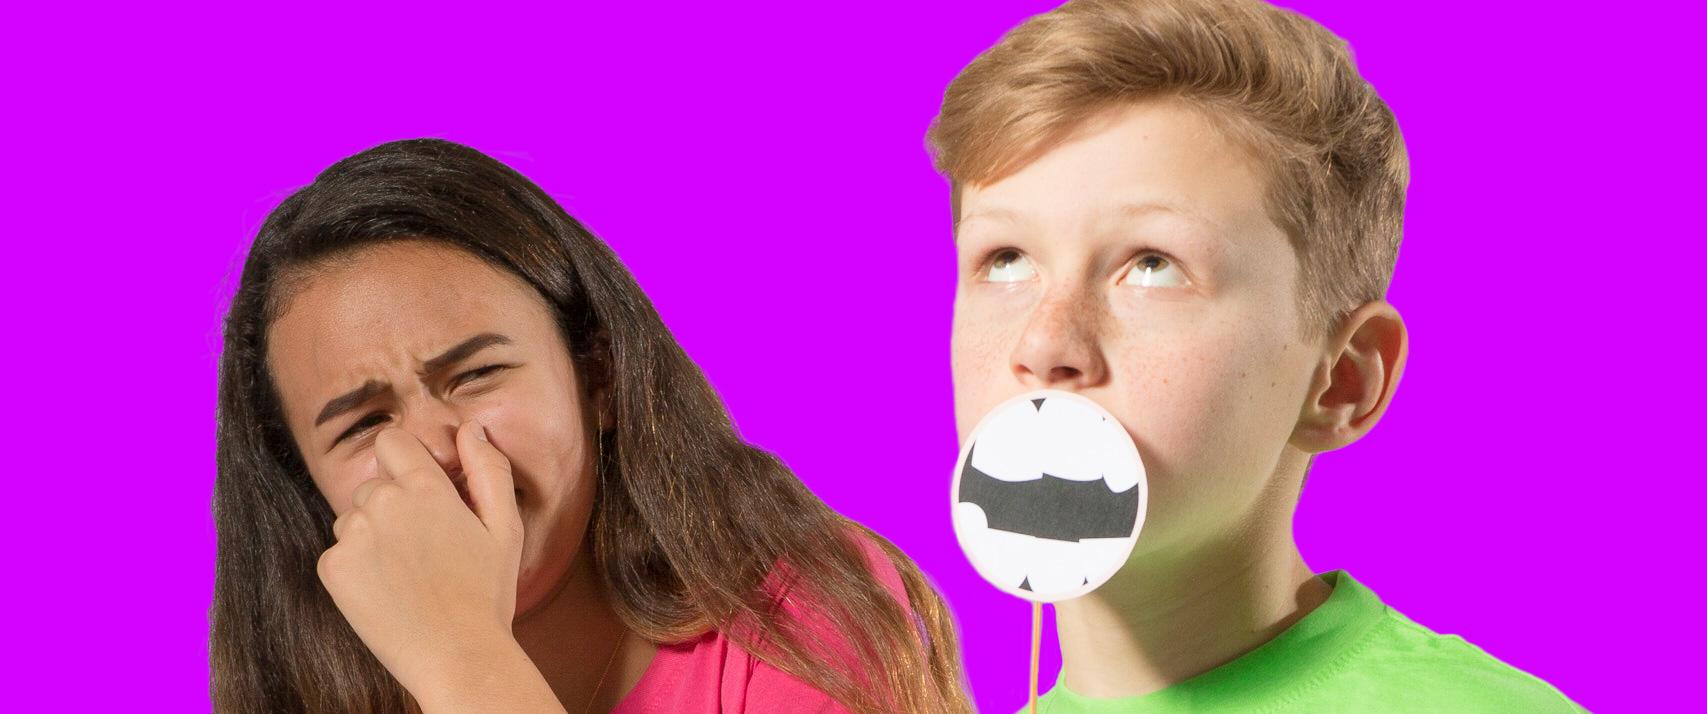 Erster Kuss ohne Mundgeruch - Rock Your Smile